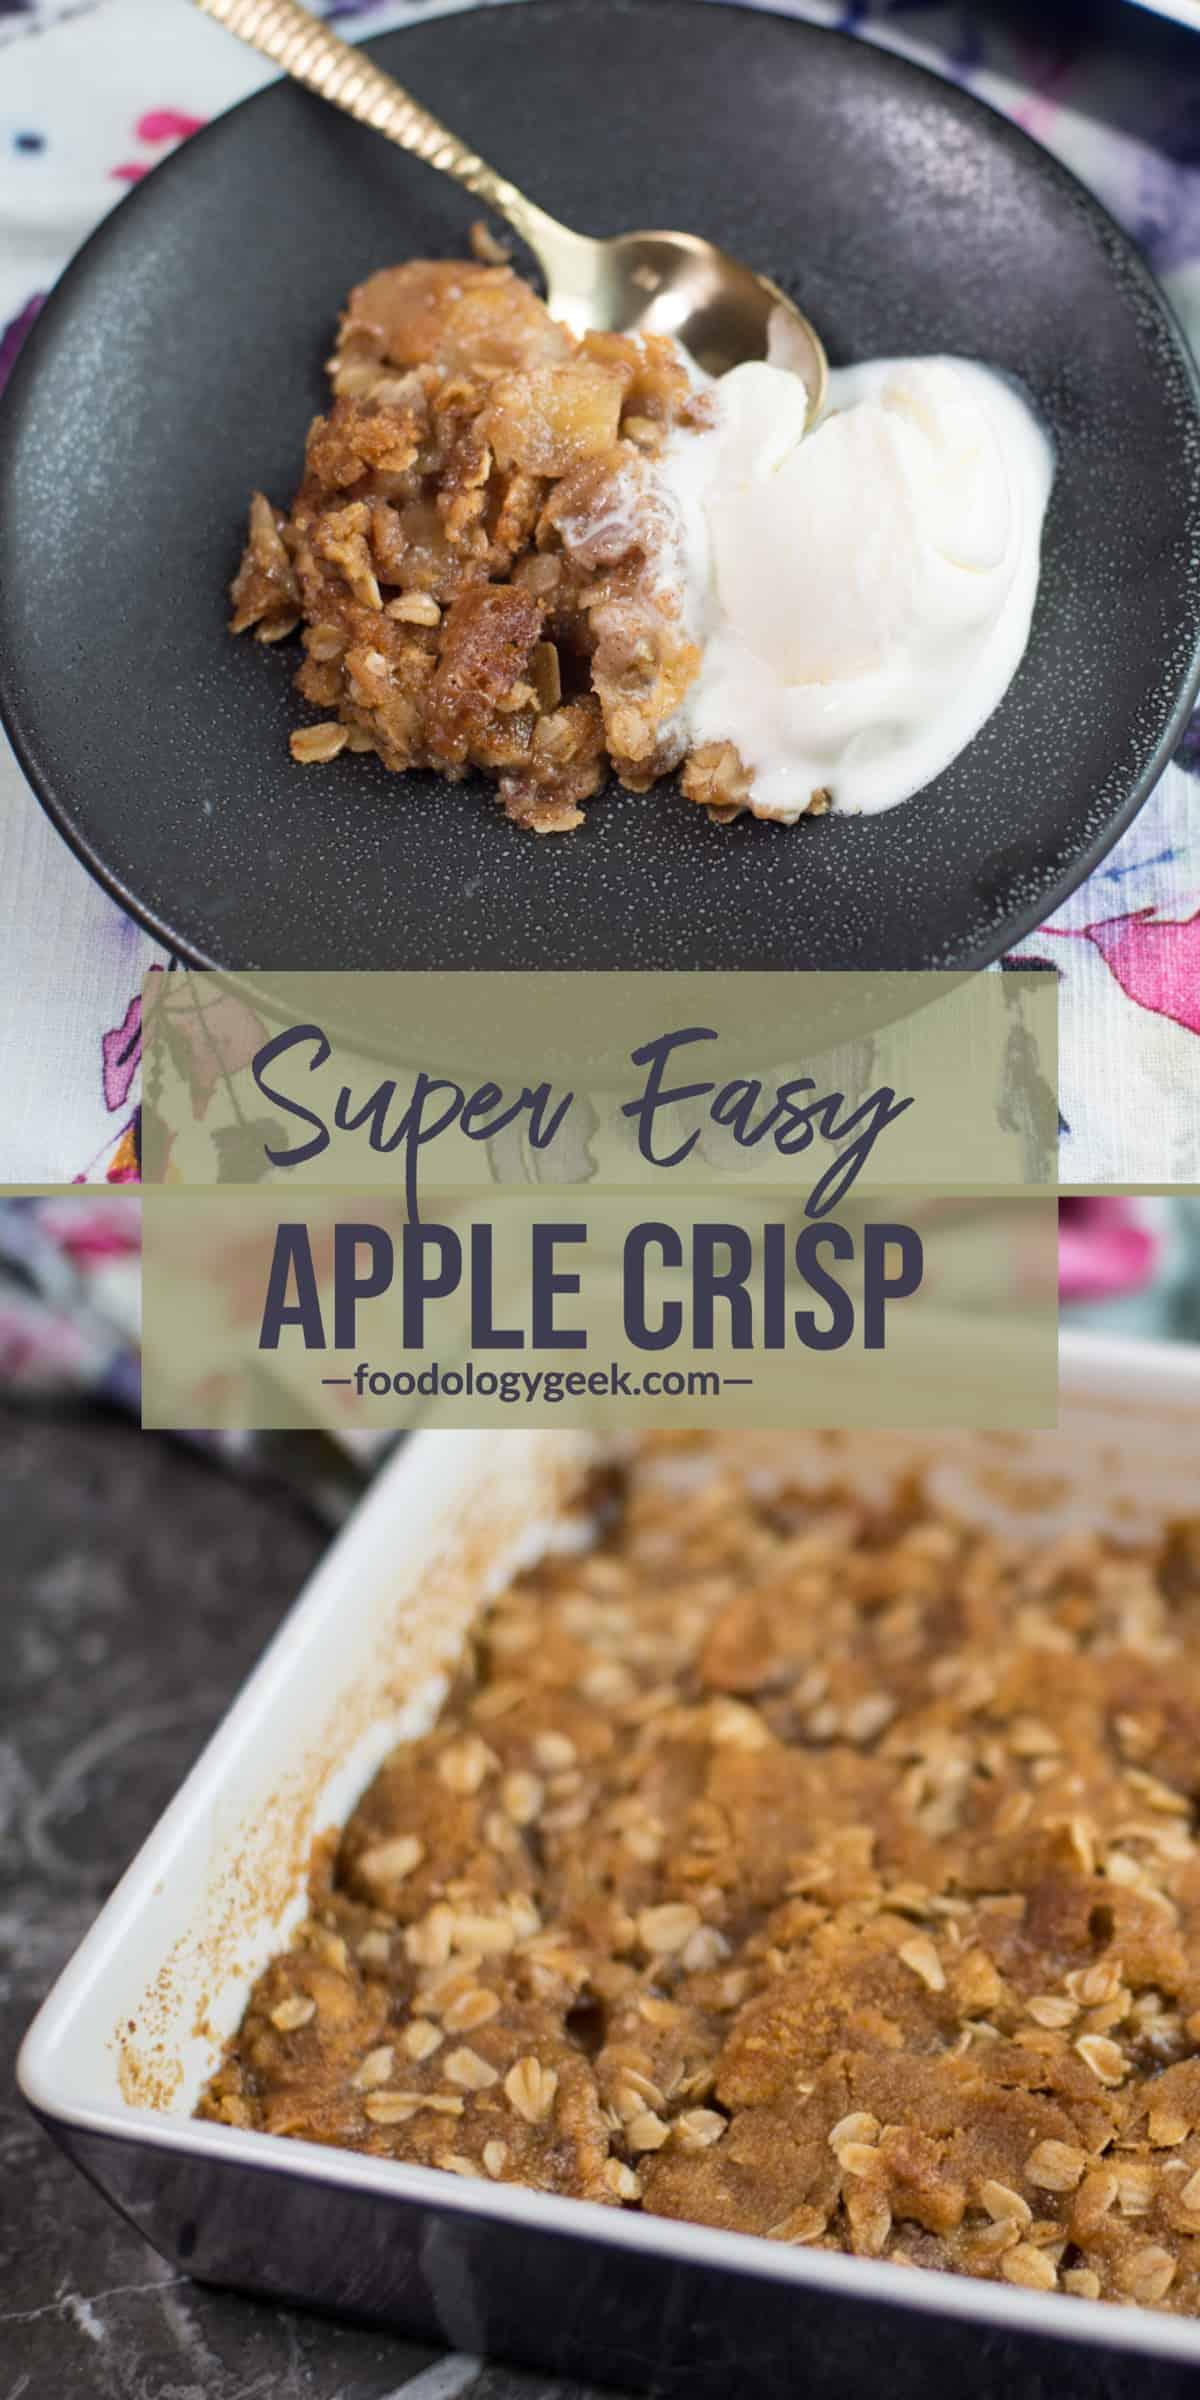 apple crisp recipe ointerest image by foodology geek